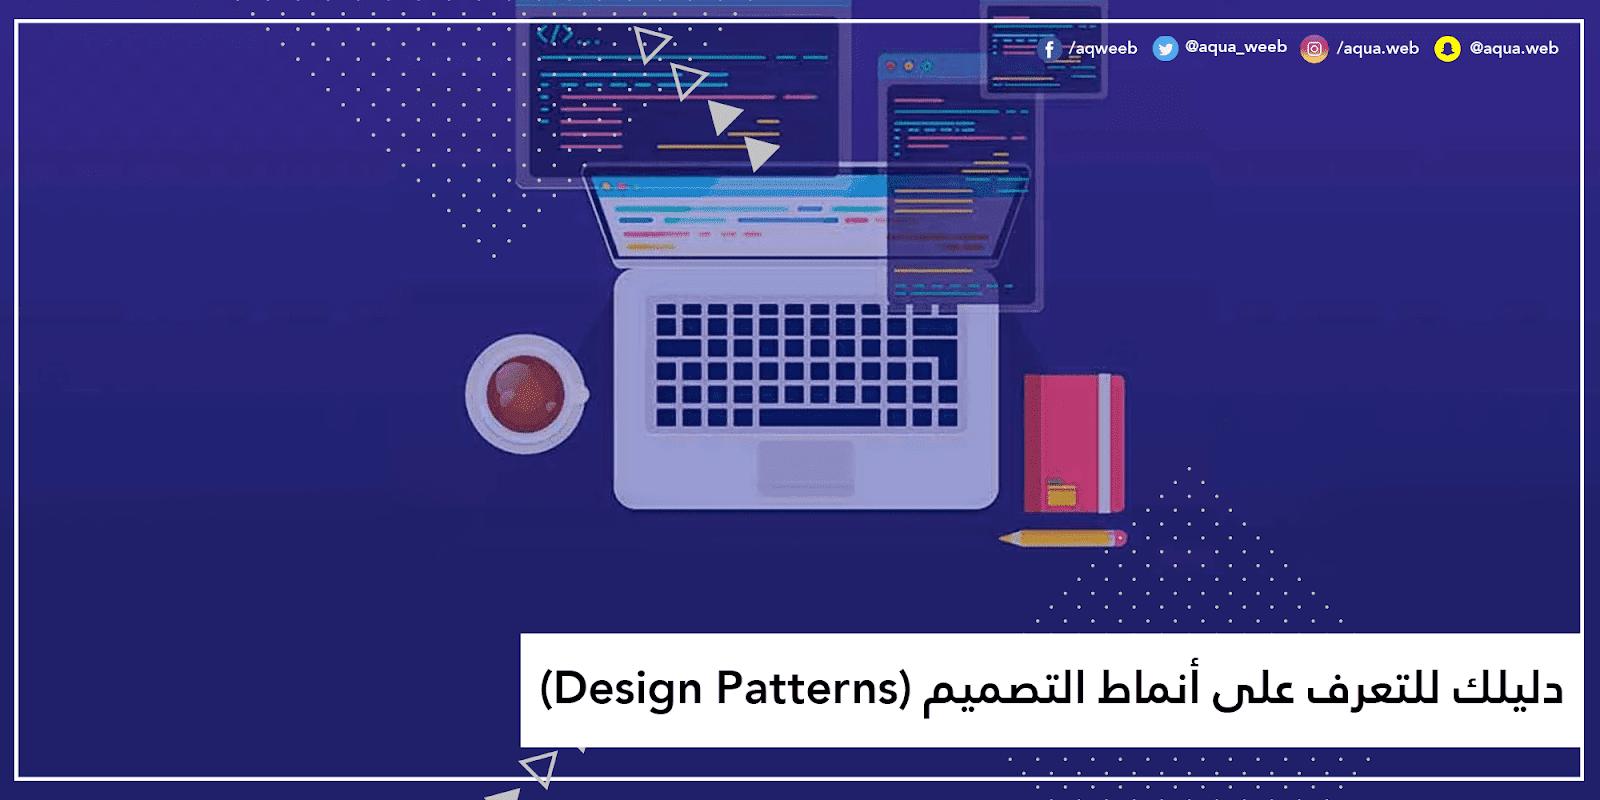 دليلك للتعرف على أنماط التصميم (Design Patterns)